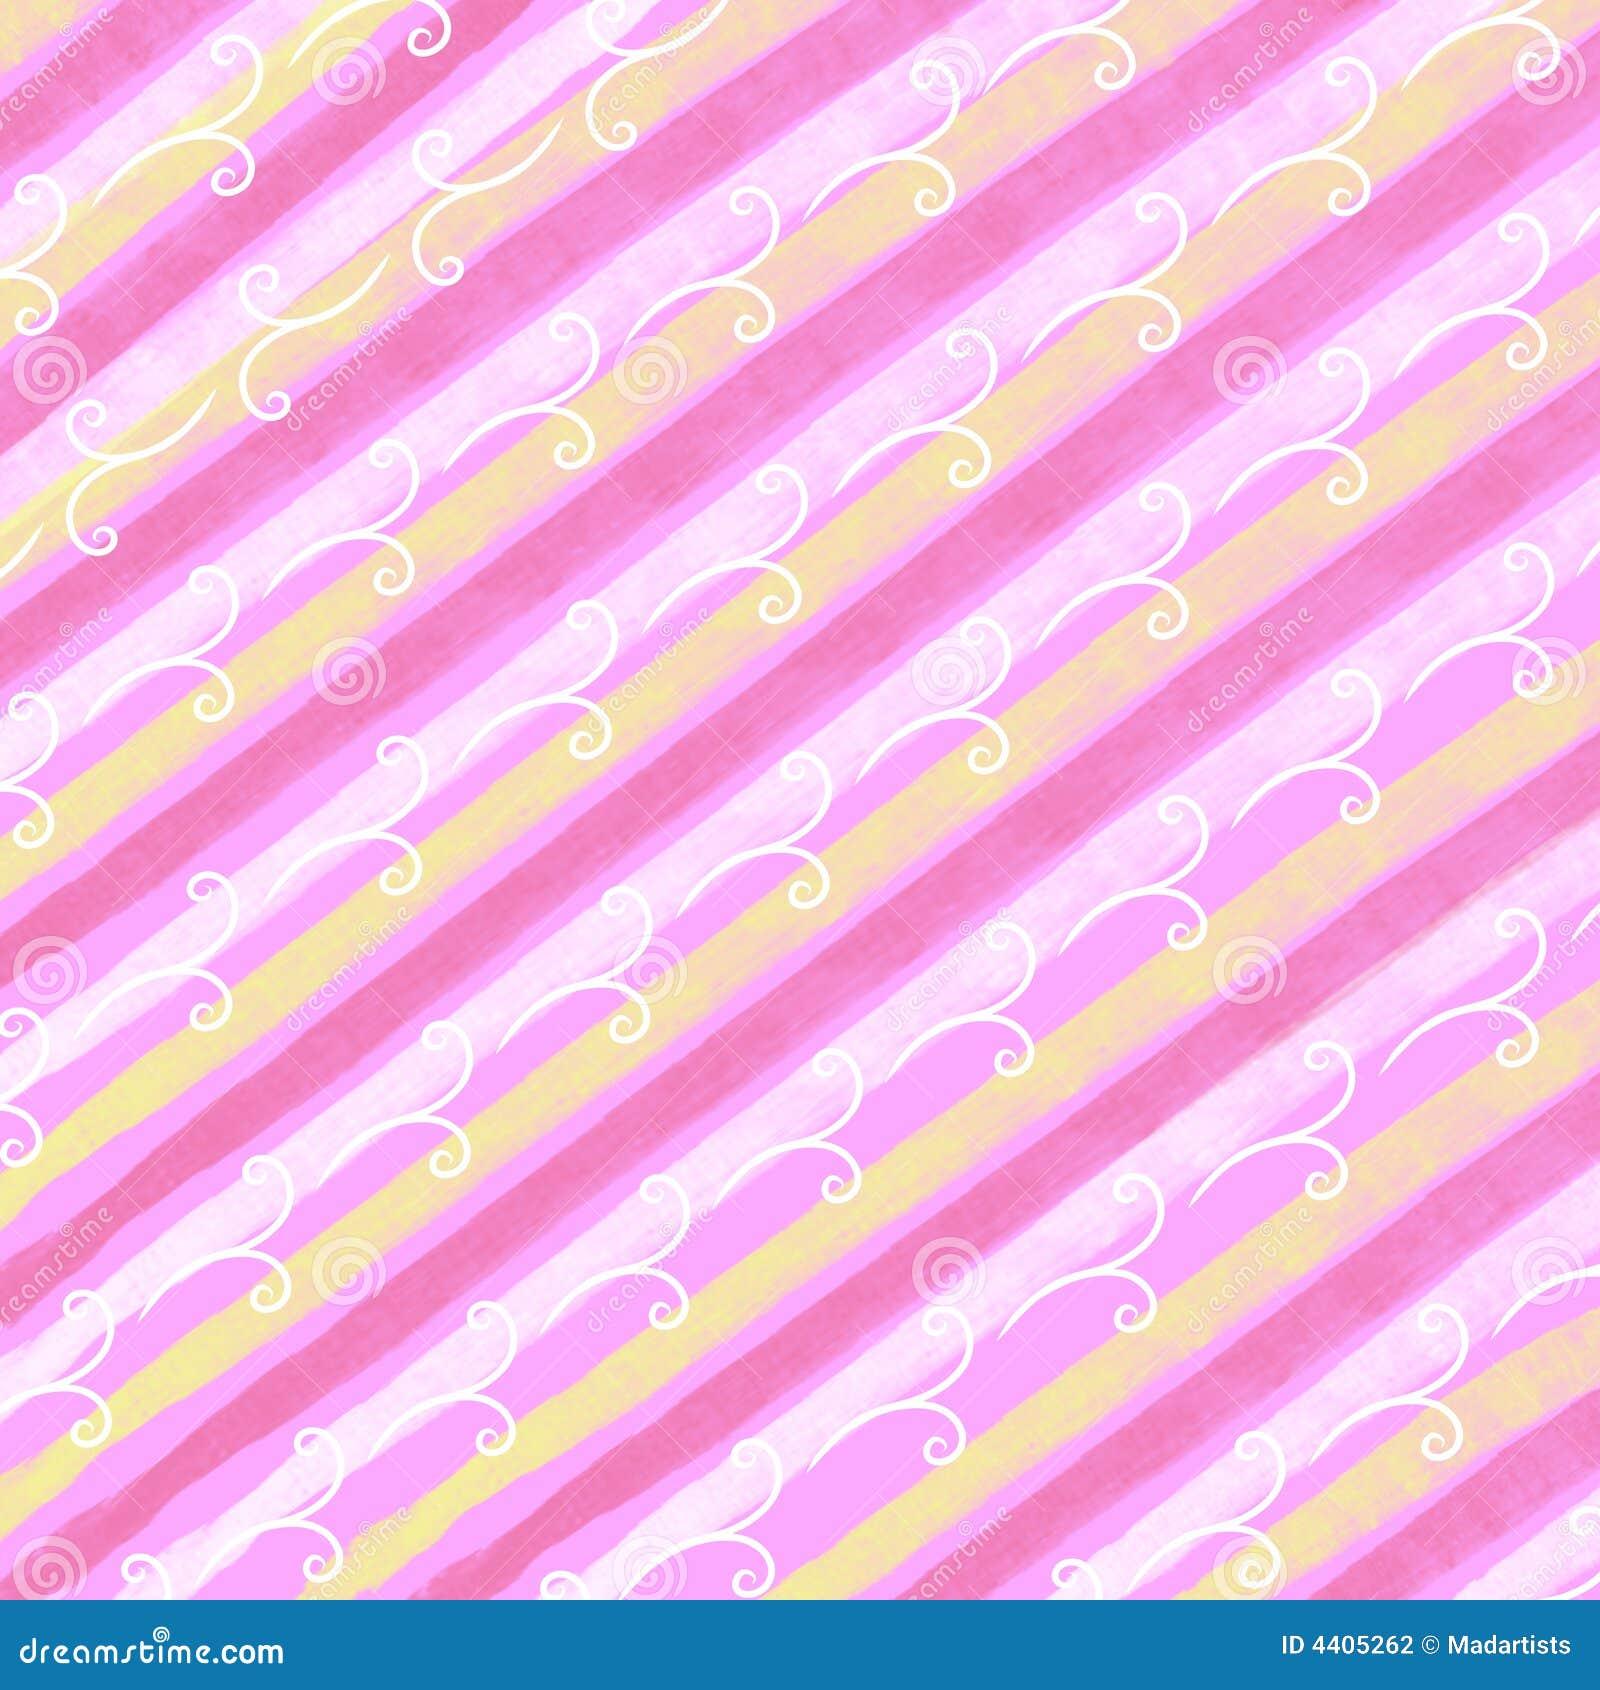 Spring Easter Stripes Pattern